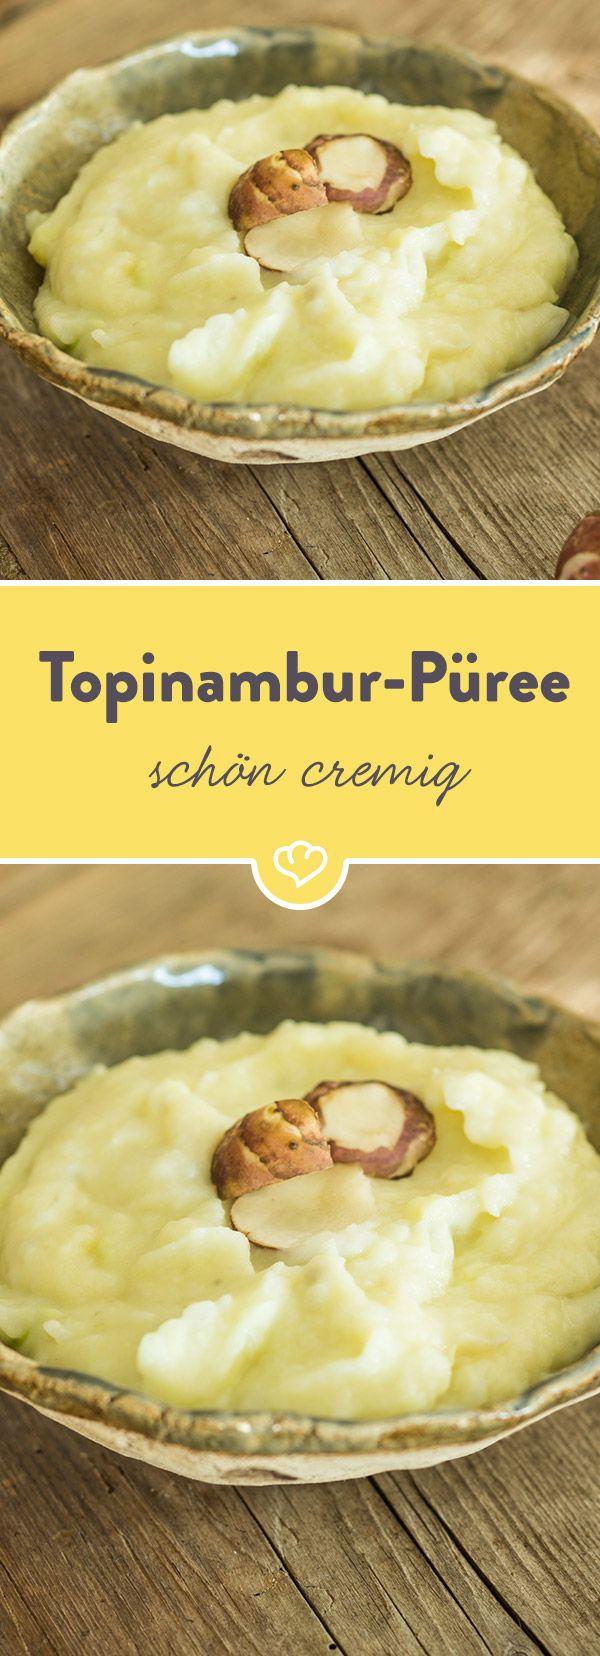 Eine wunderbar cremige Alternative zu Kartoffelpüree. Die Knolle verleiht dem Püree eine samtige Textur und überzeugt mit seinem nussigen Aroma.